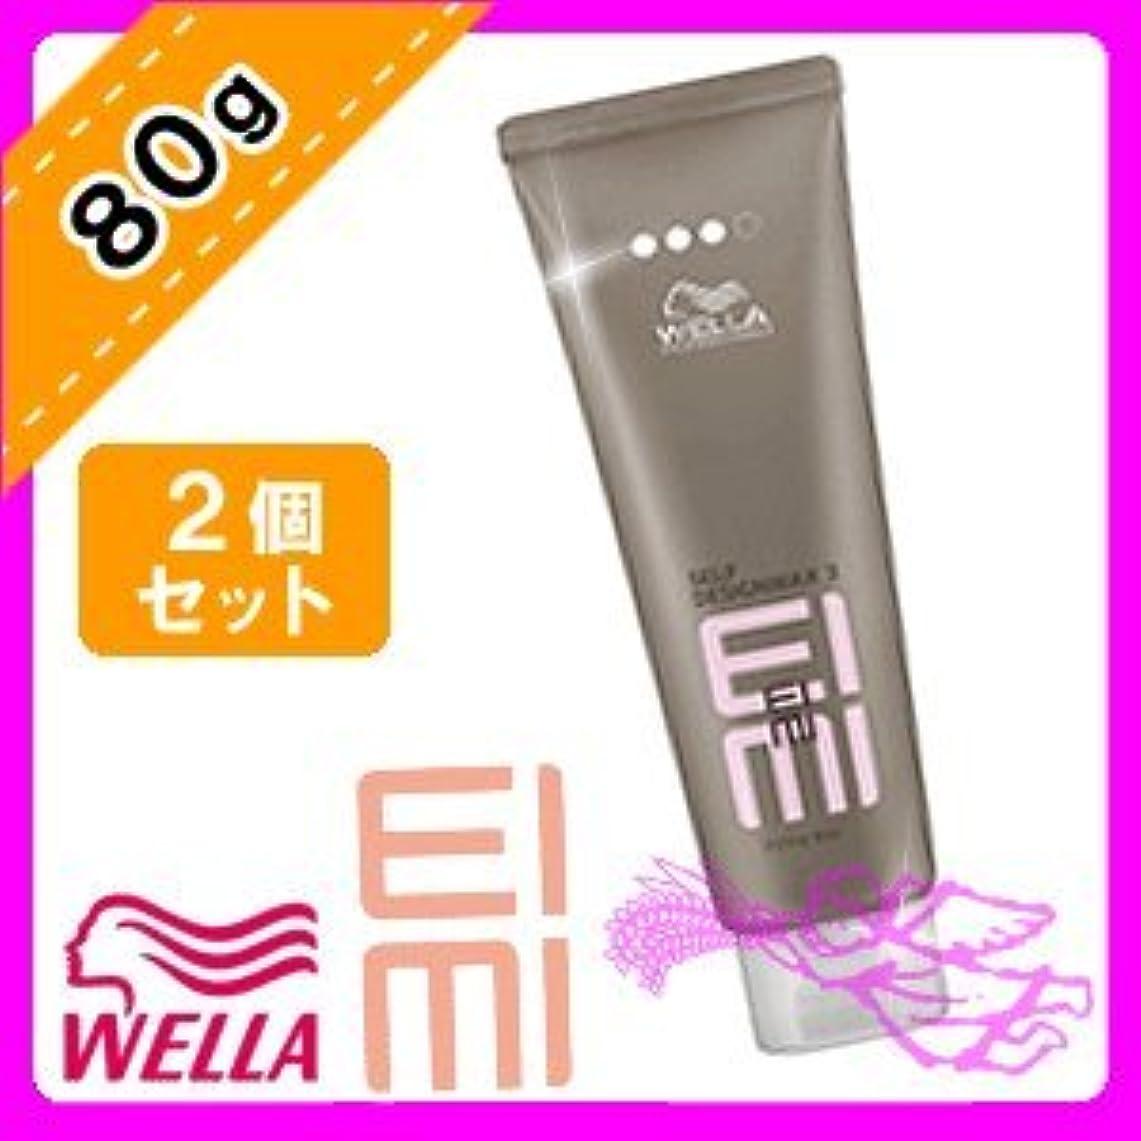 傾く暴露ルーフウエラ EIMI(アイミィ) セルフデザインワックス3 80g ×2個 セット WELLA P&G